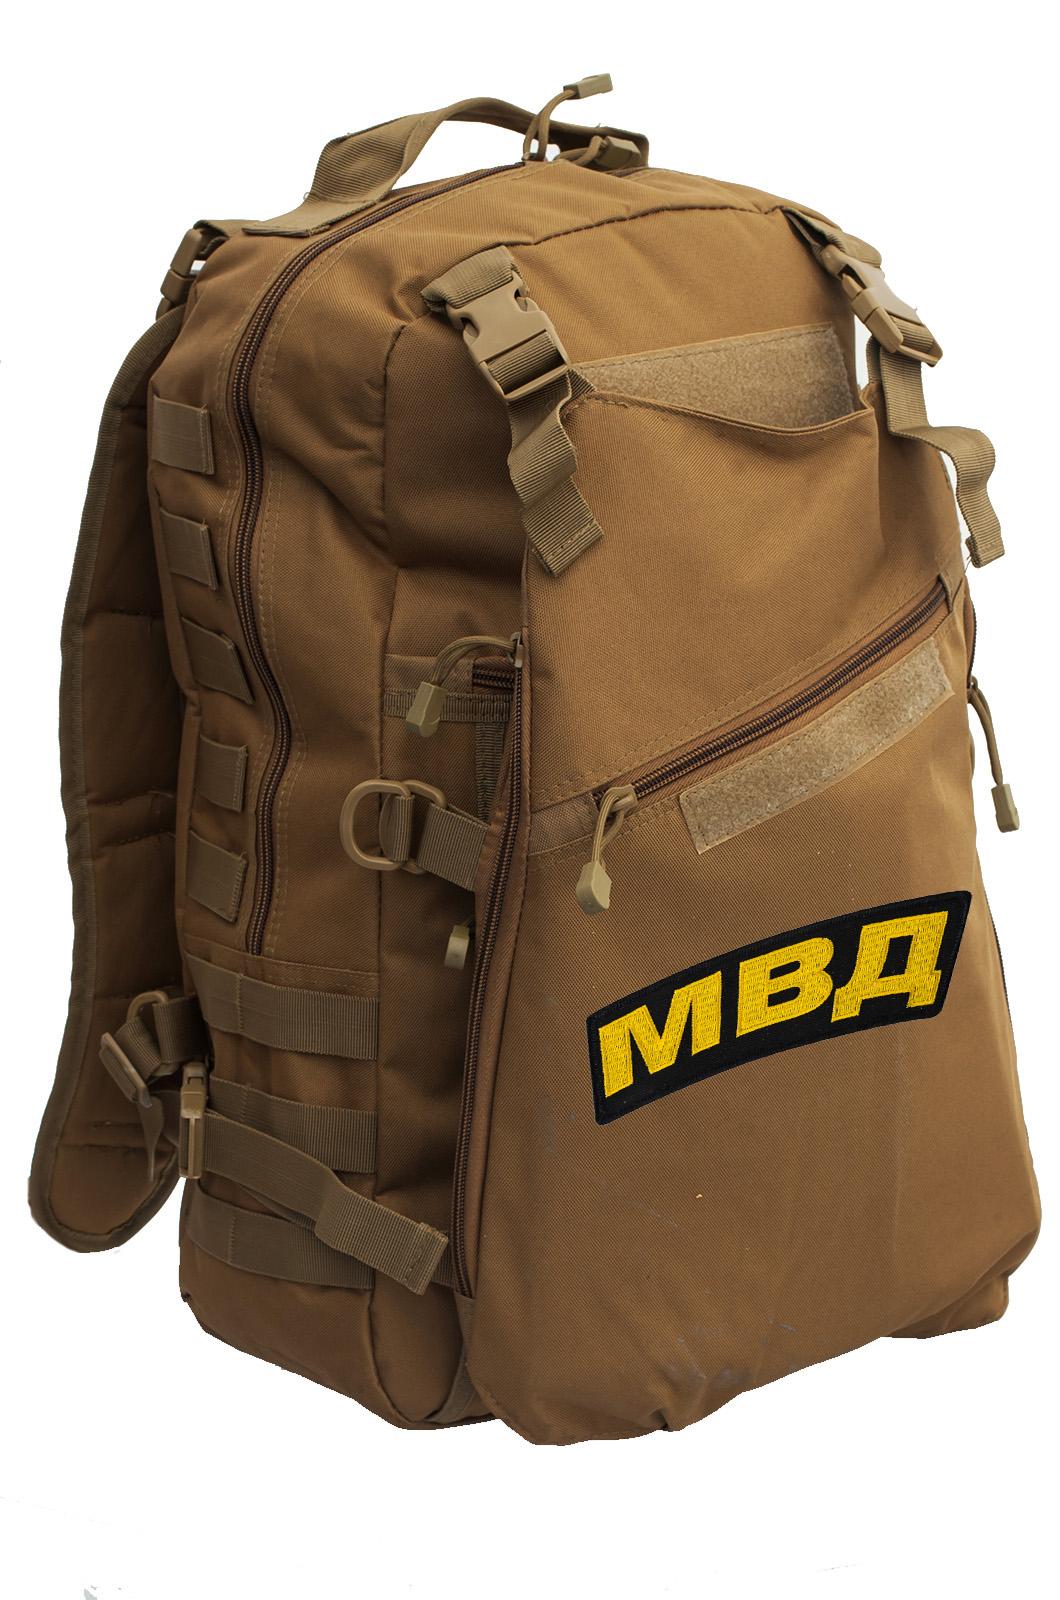 Тактический рейдовый рюкзак с нашивкой МВД - купить выгодно